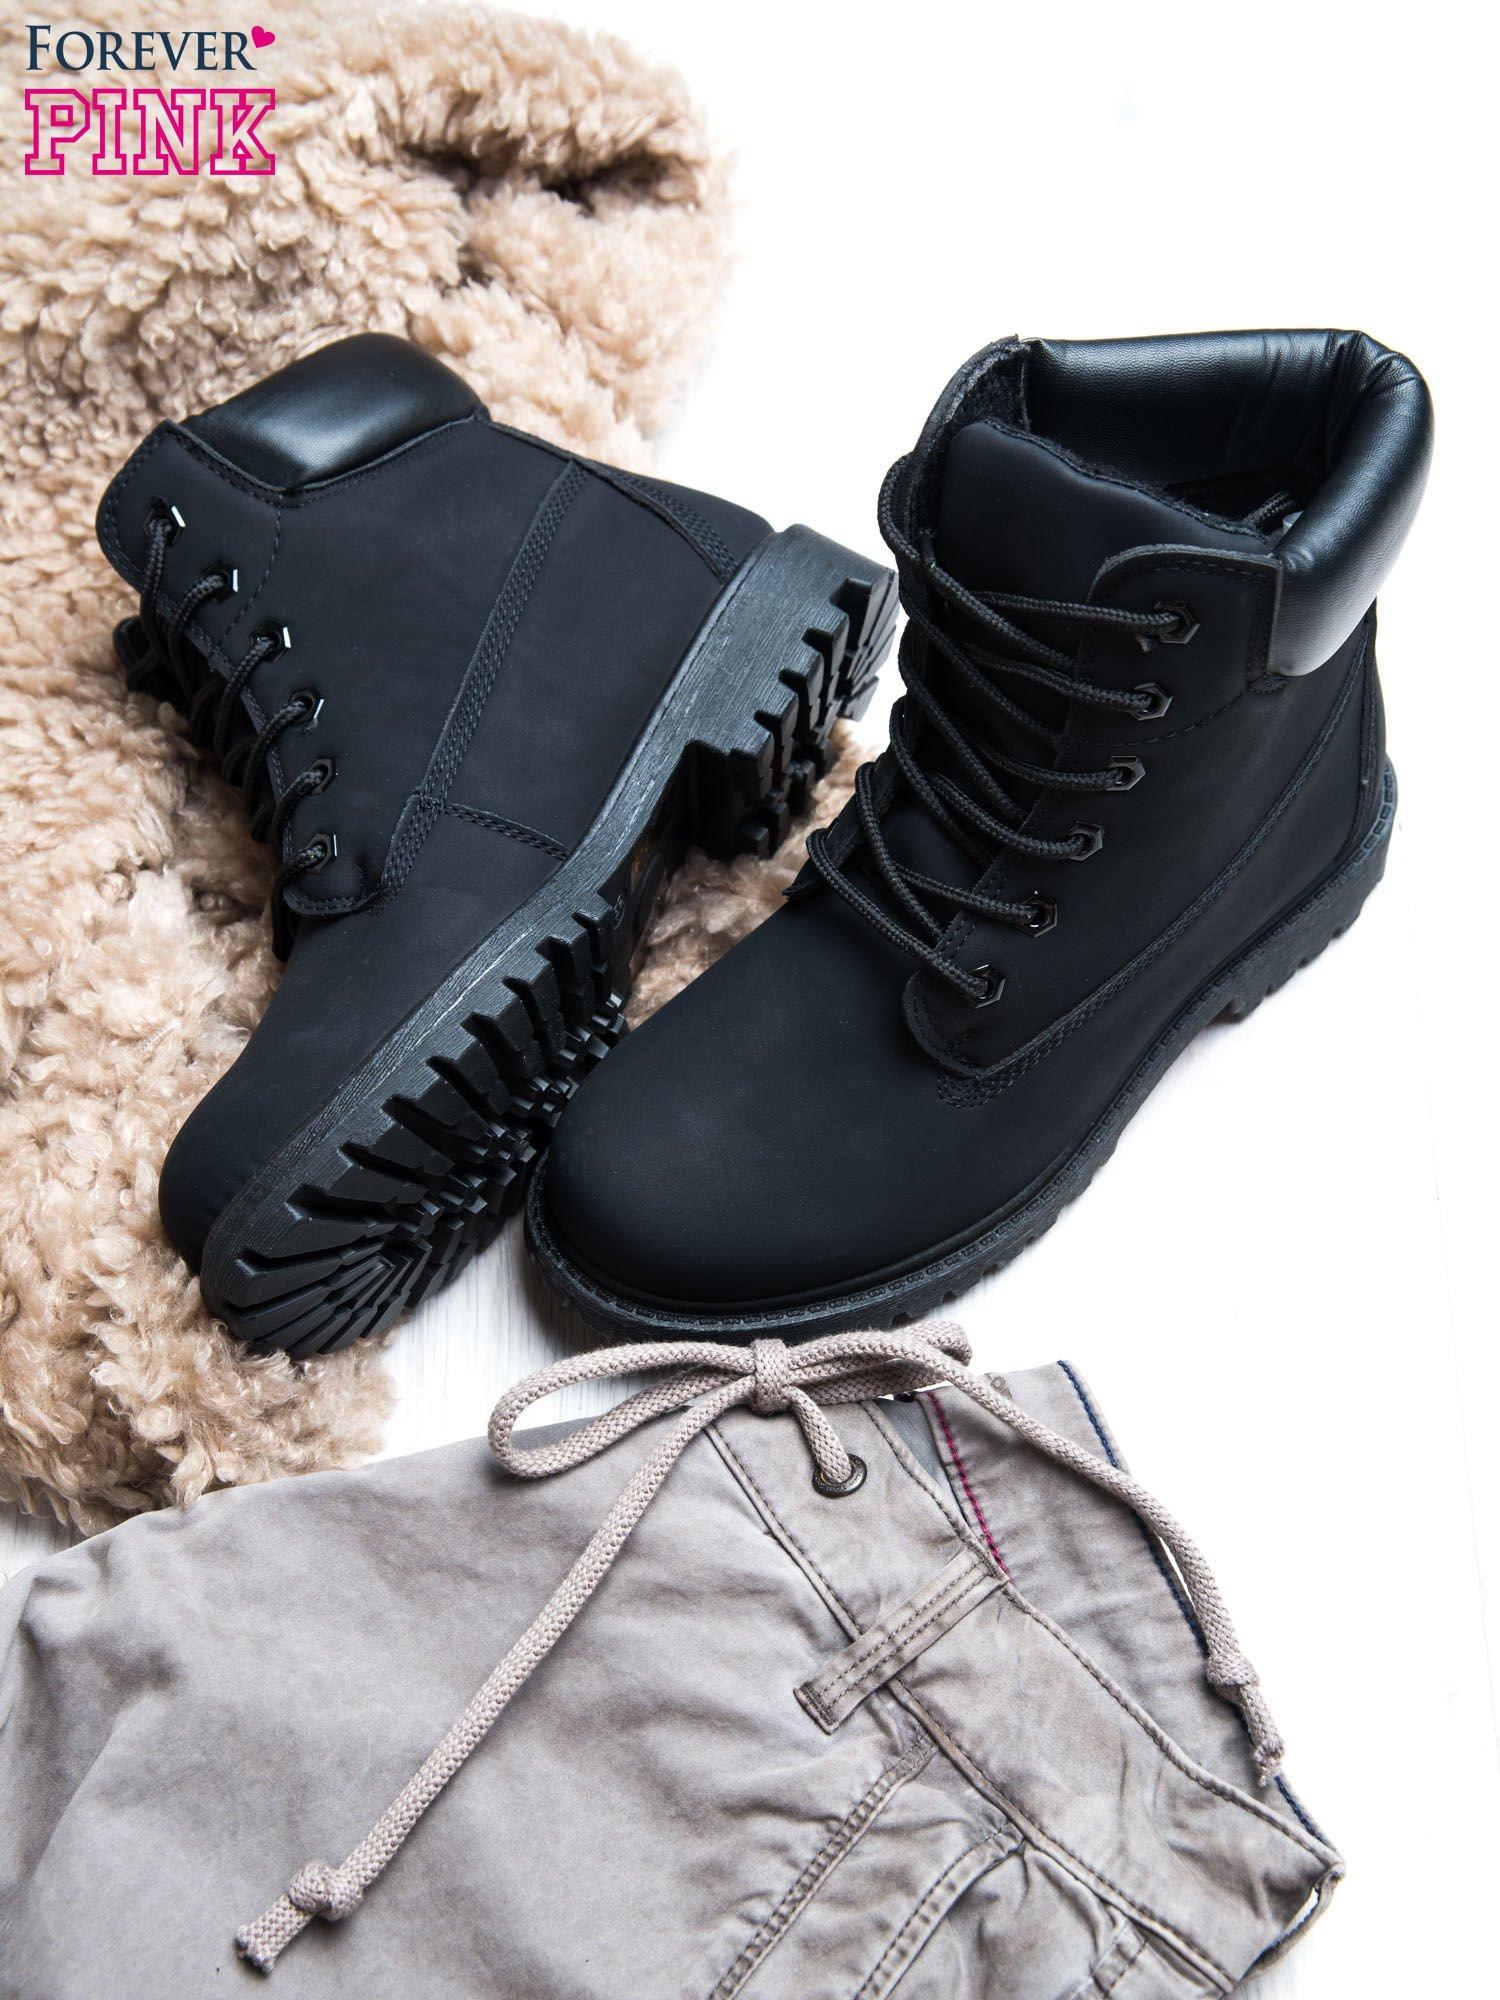 Czarne jednolite buty trekkingowe Westie damskie traperki ocieplane                                  zdj.                                  2